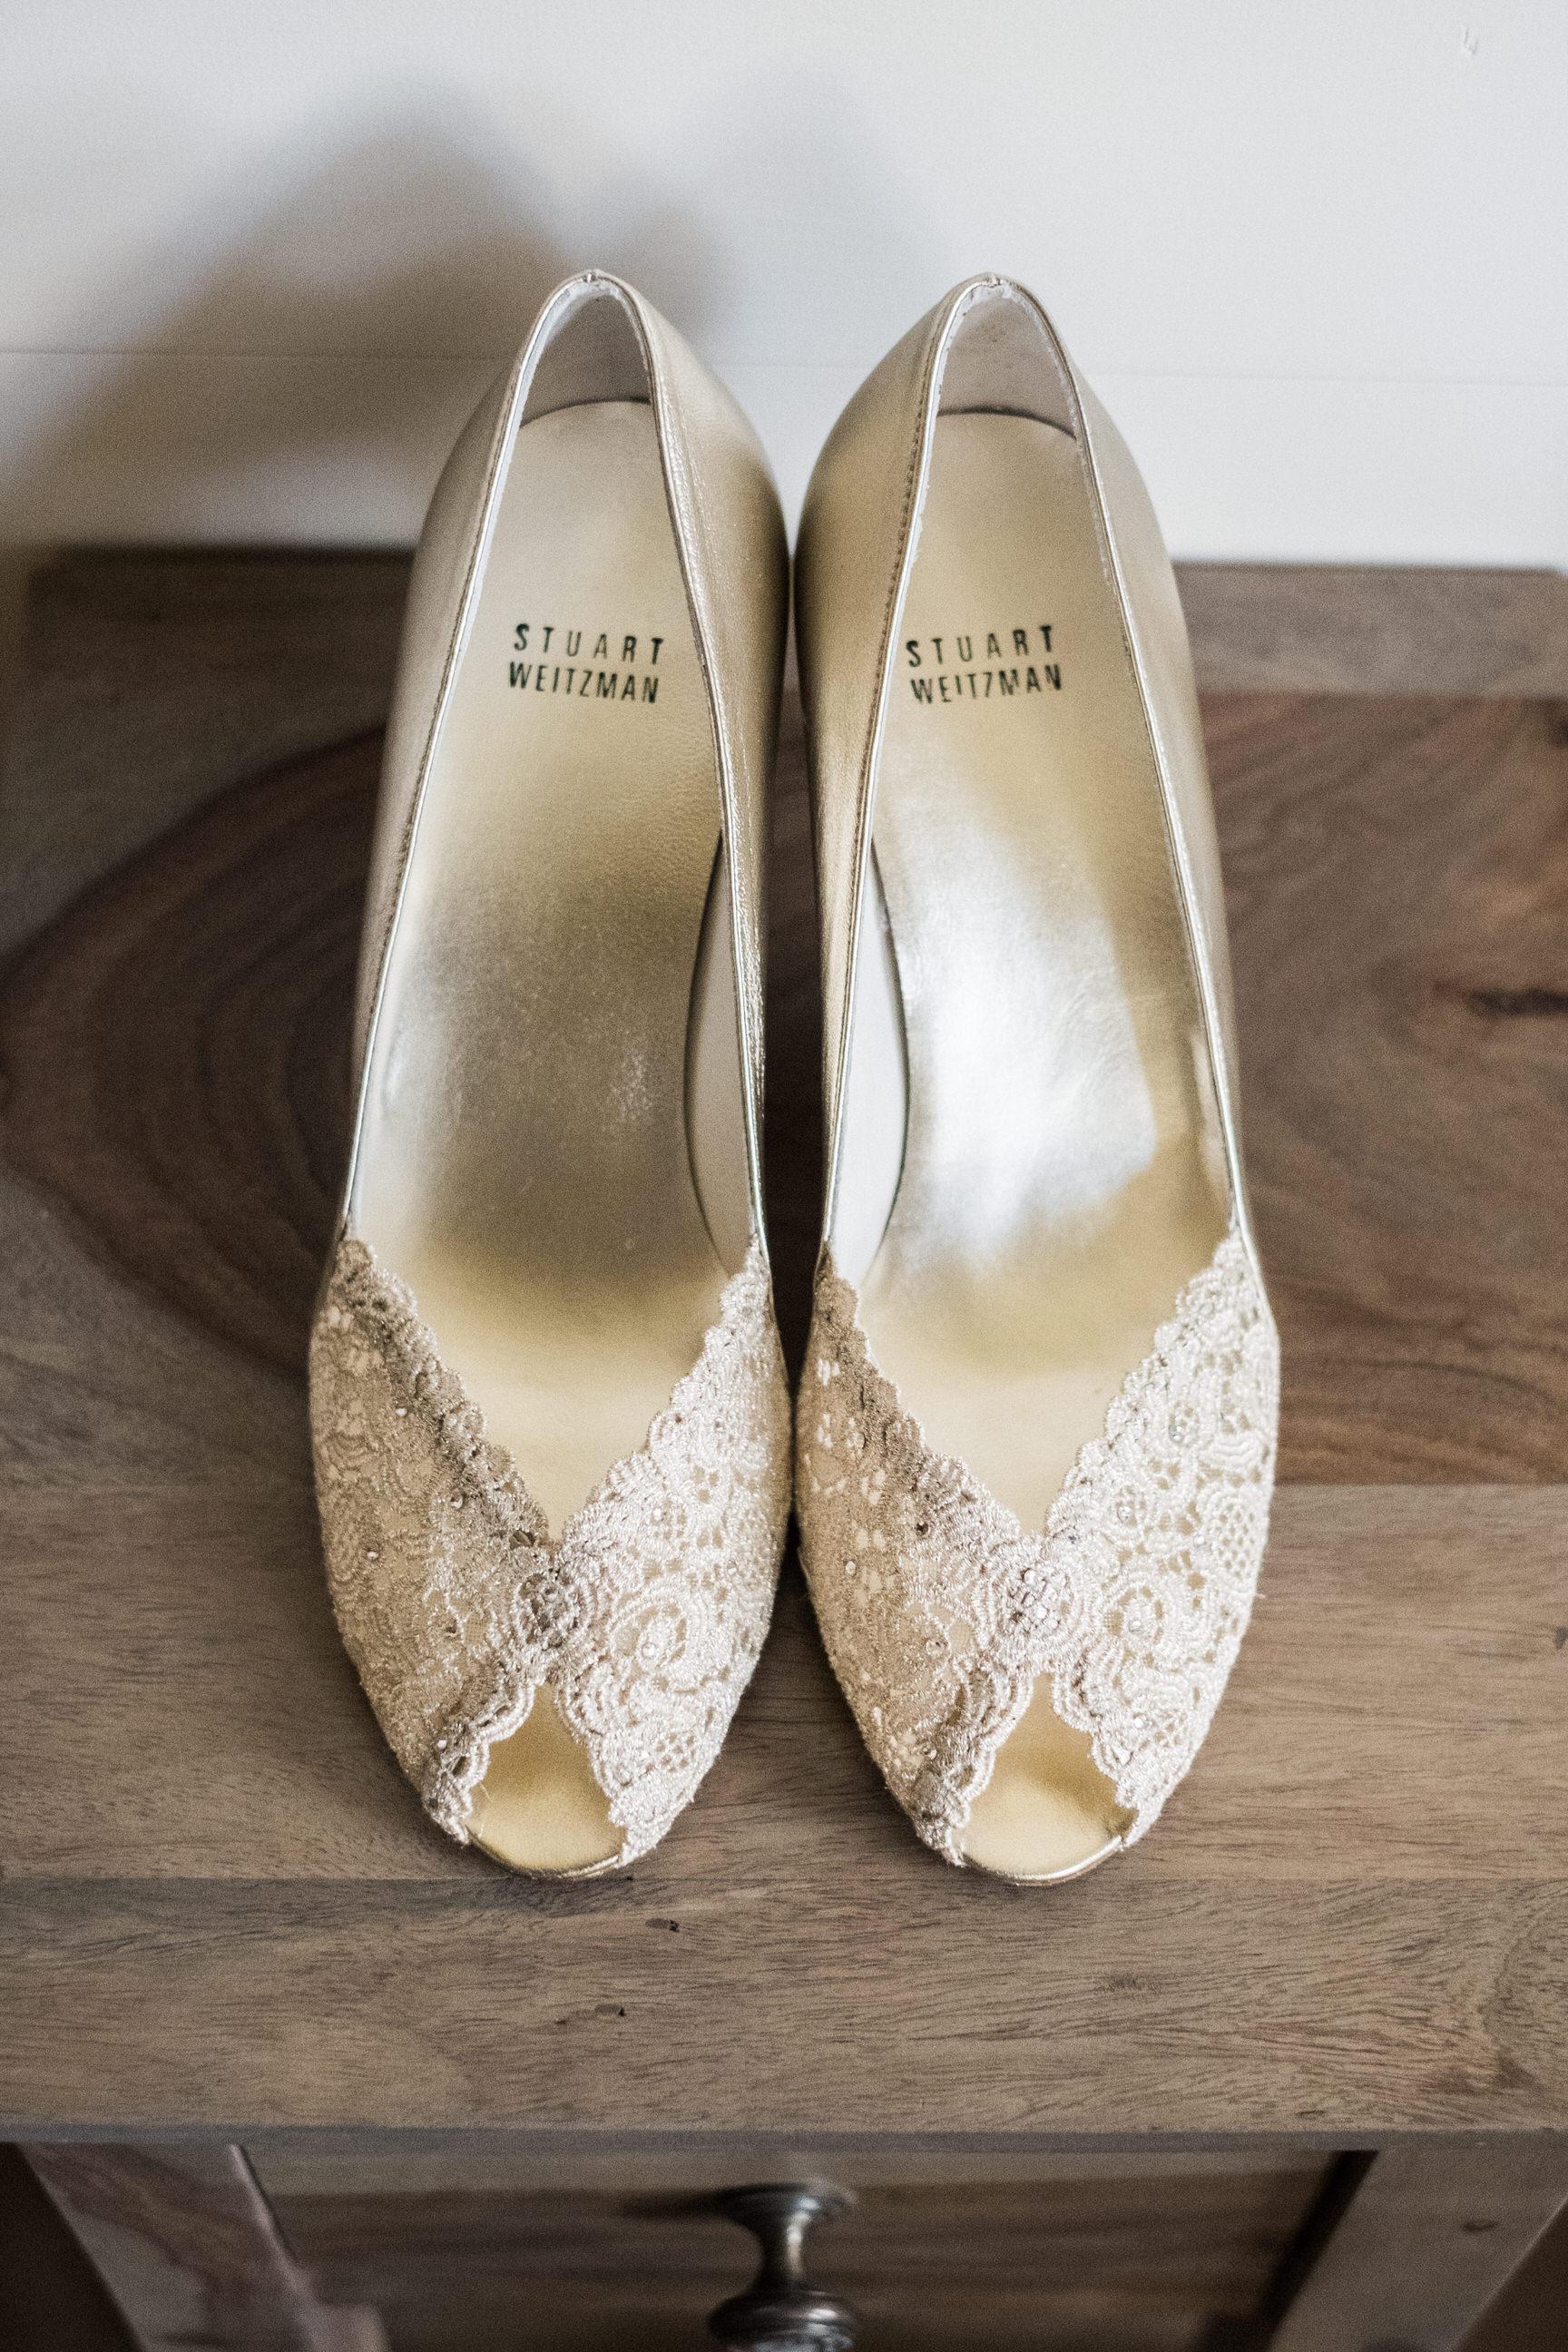 wedding shoes by stuart weitzman